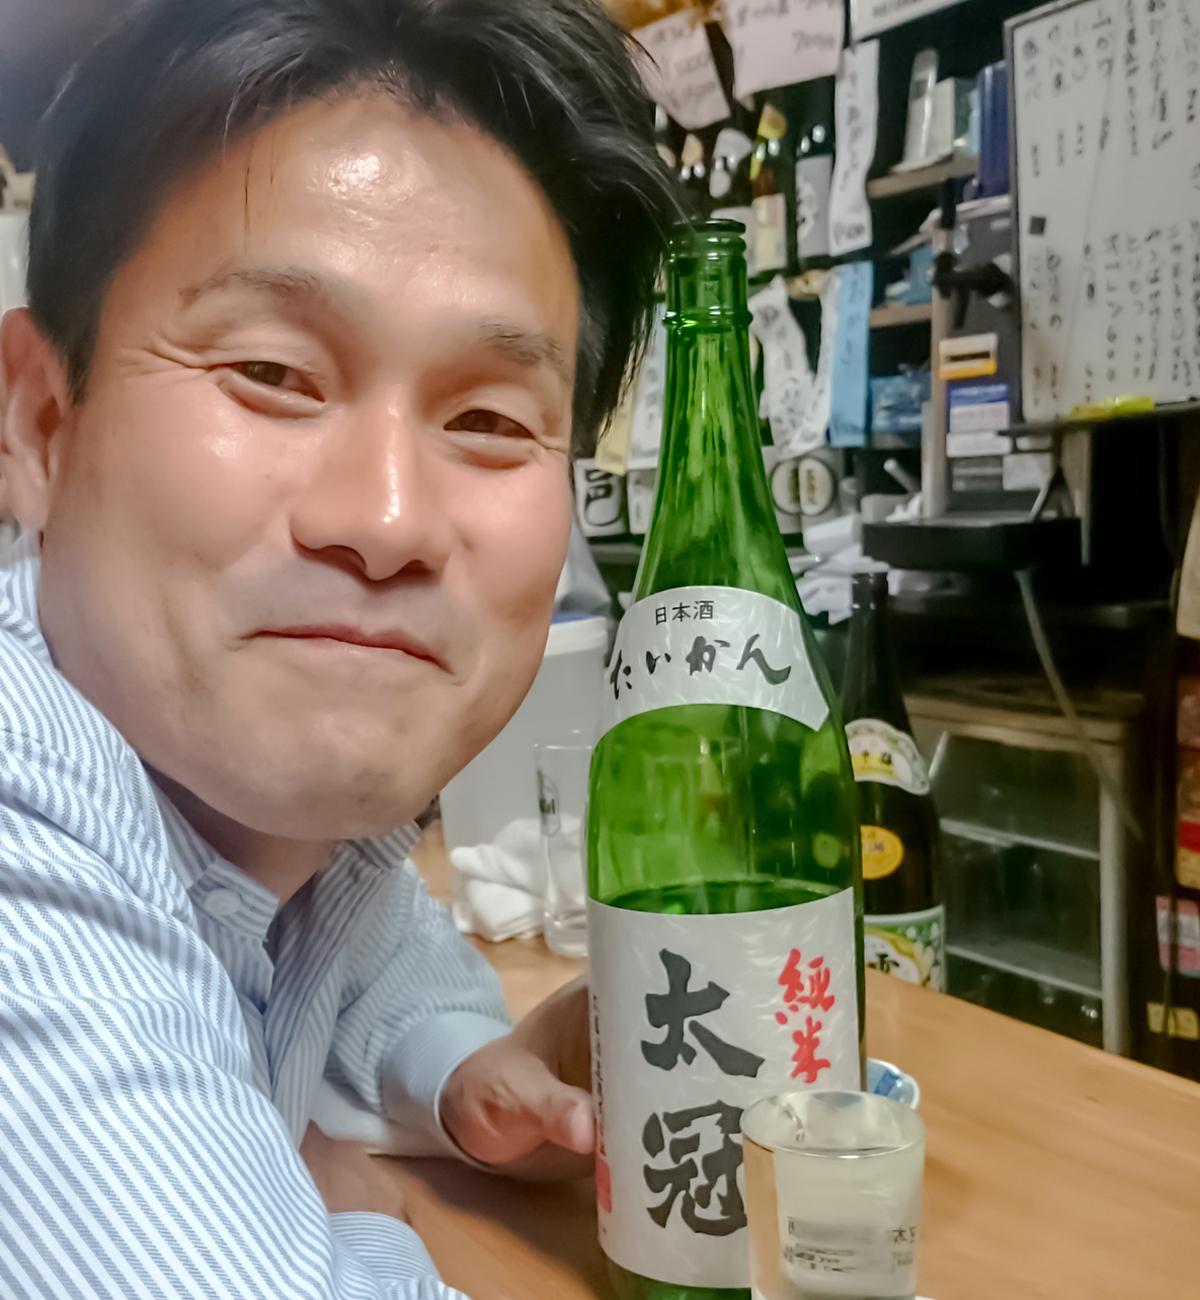 土橋克己さん 写真12